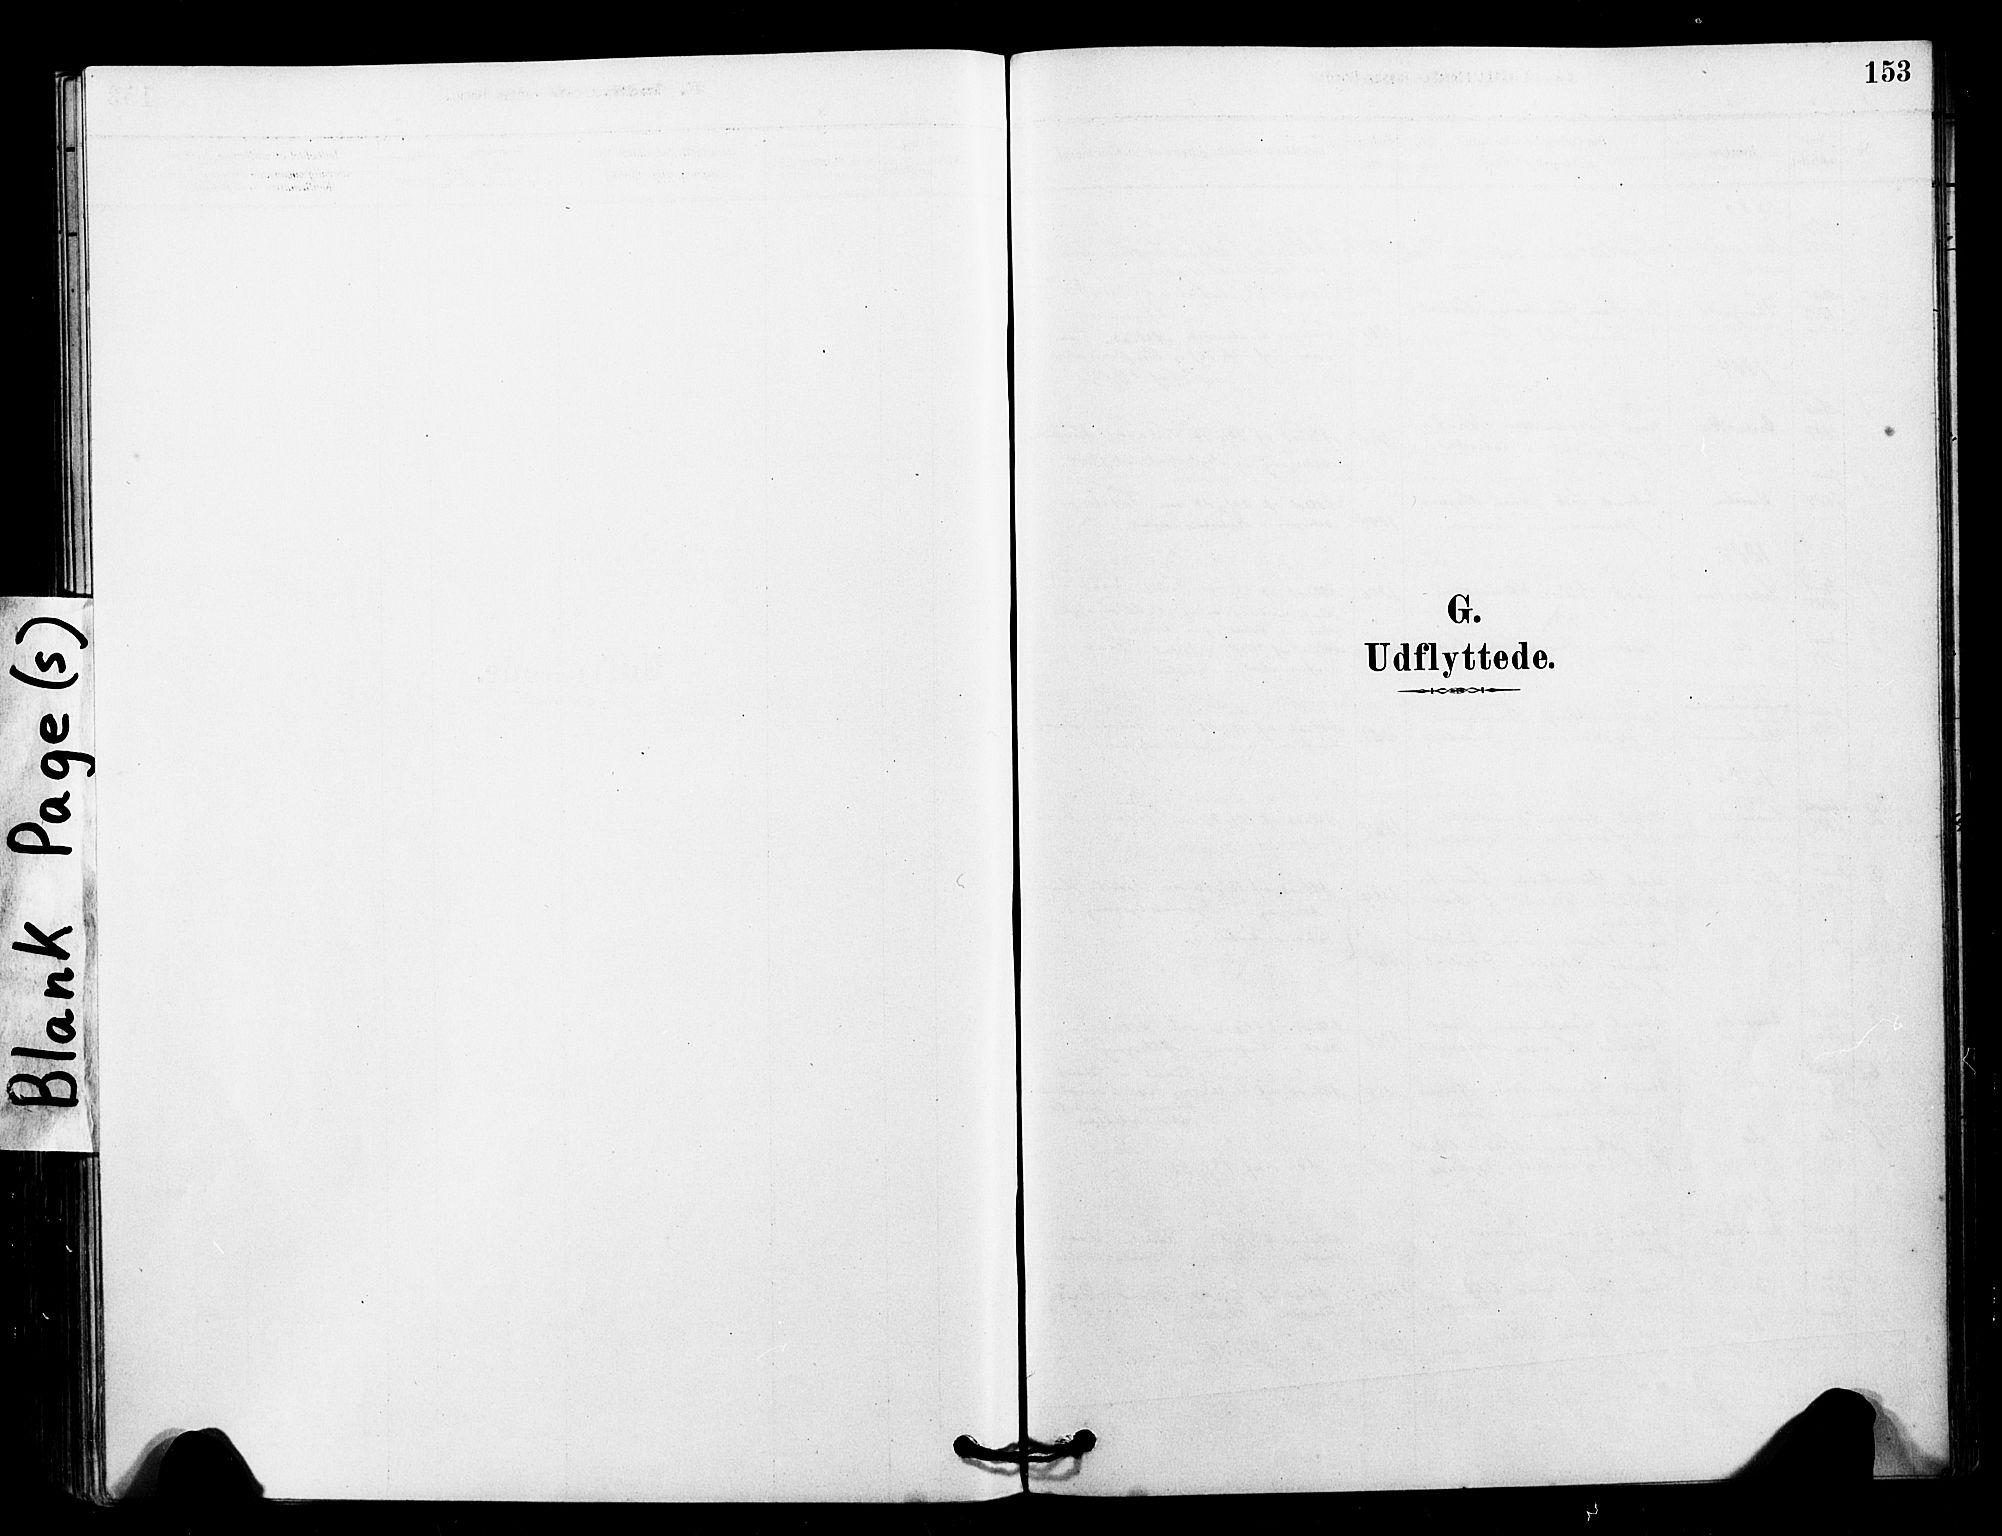 SAT, Ministerialprotokoller, klokkerbøker og fødselsregistre - Sør-Trøndelag, 641/L0595: Ministerialbok nr. 641A01, 1882-1897, s. 153